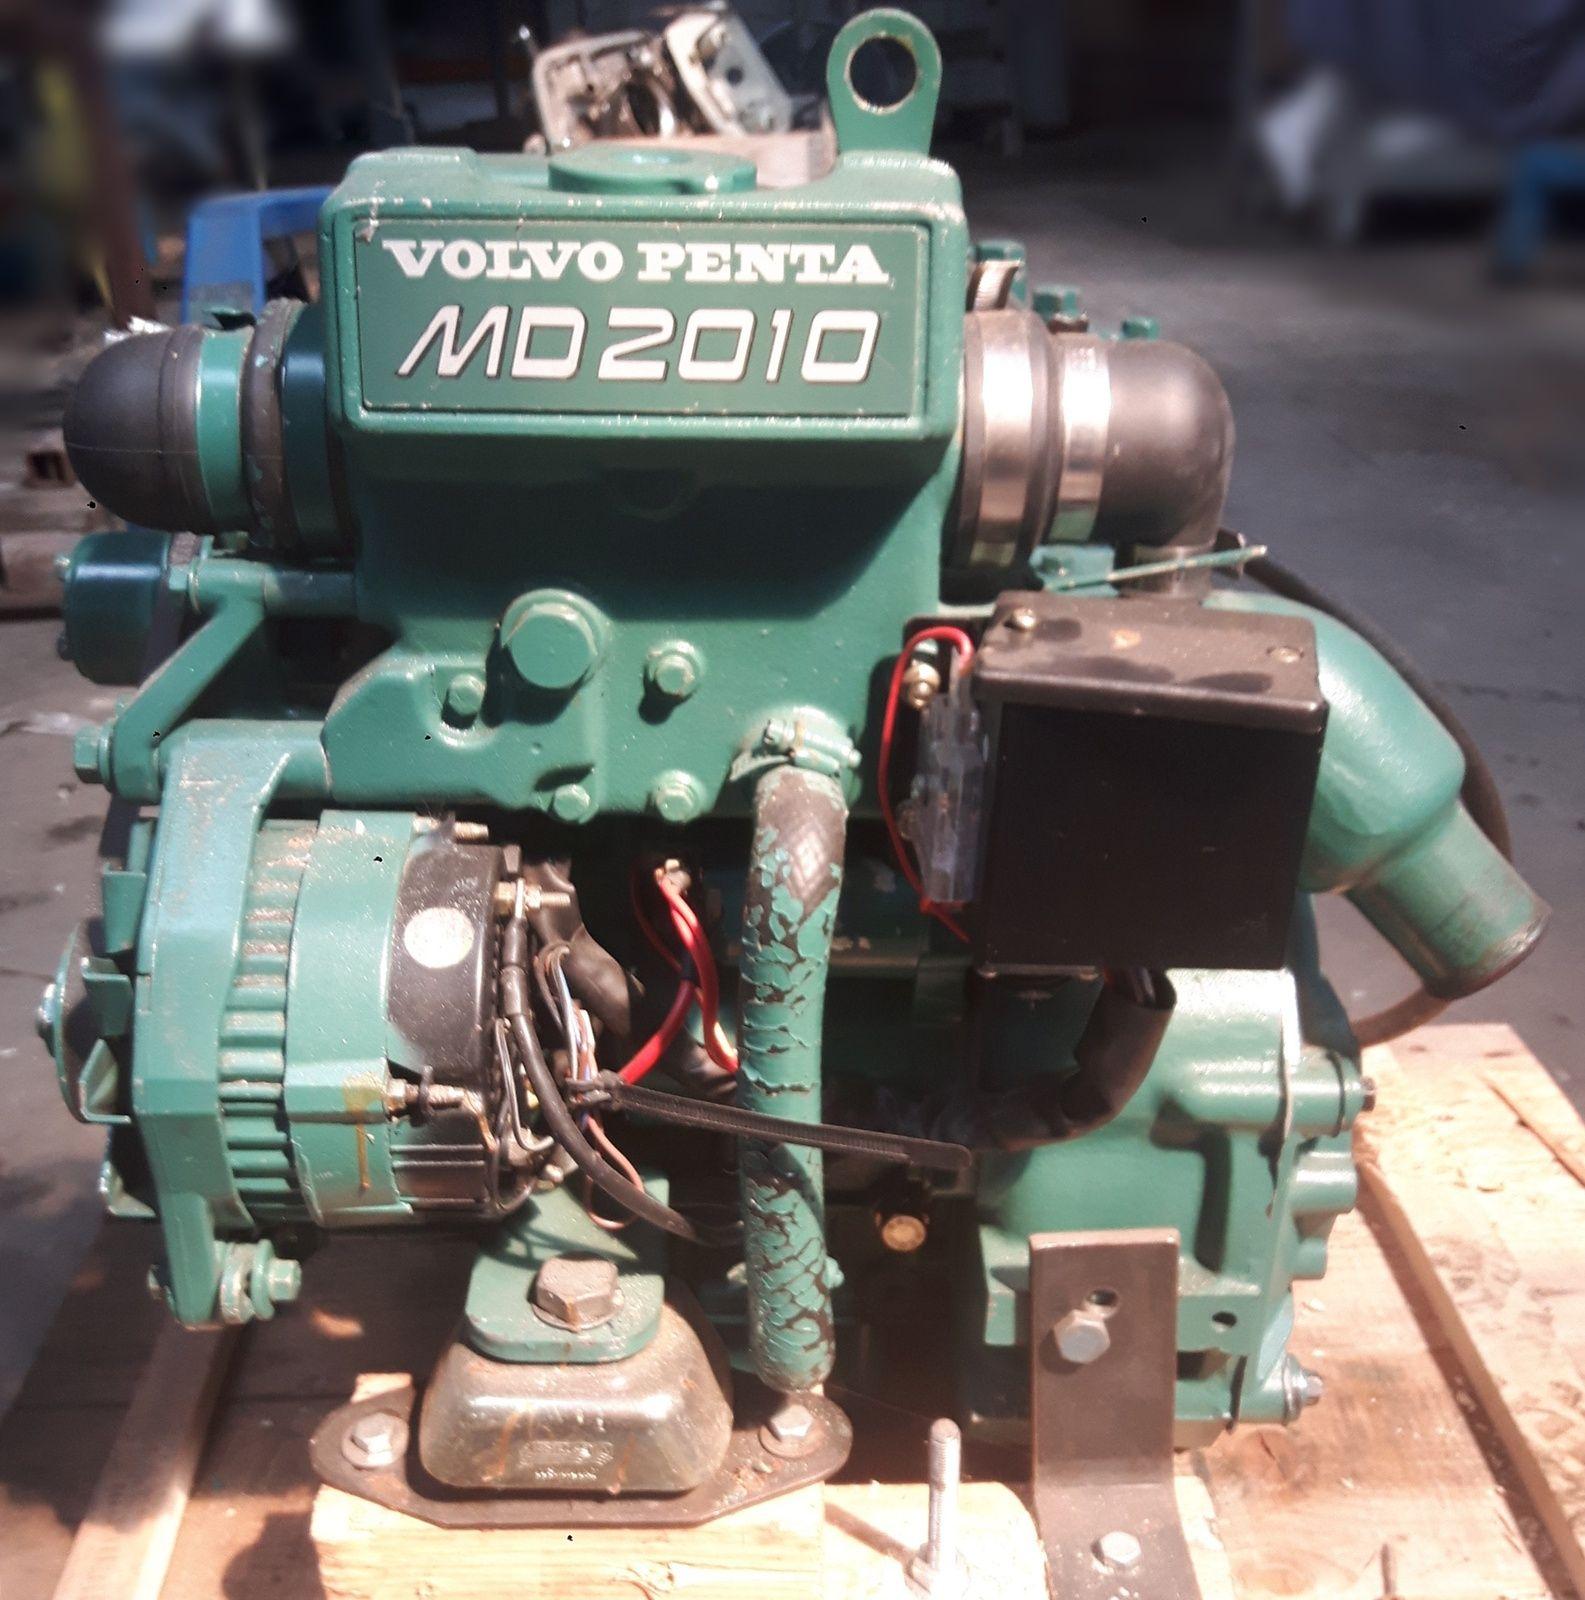 Https Www Bonanza Com Listings Volvo Penta 2010d Year 2003 Inboard Diesel Engine 610623970 Volvo Engines For Sale Diesel Engine